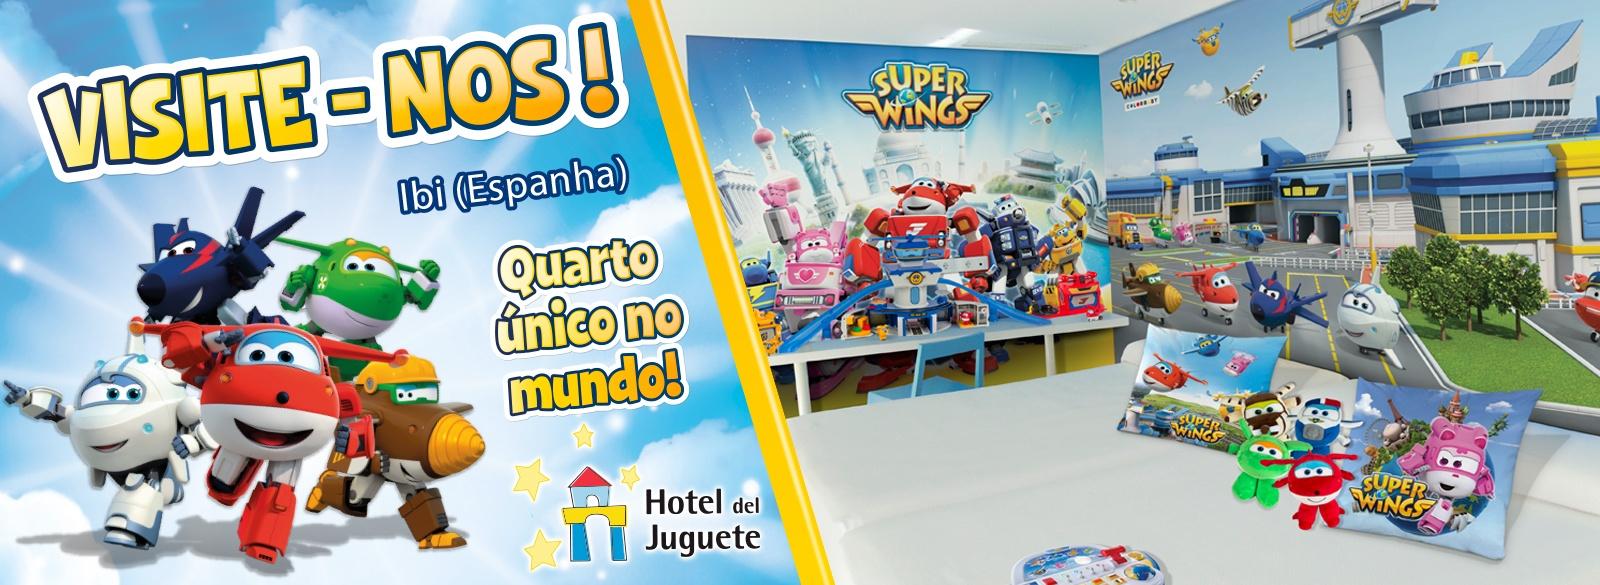 Super Wings Hotel Juguete